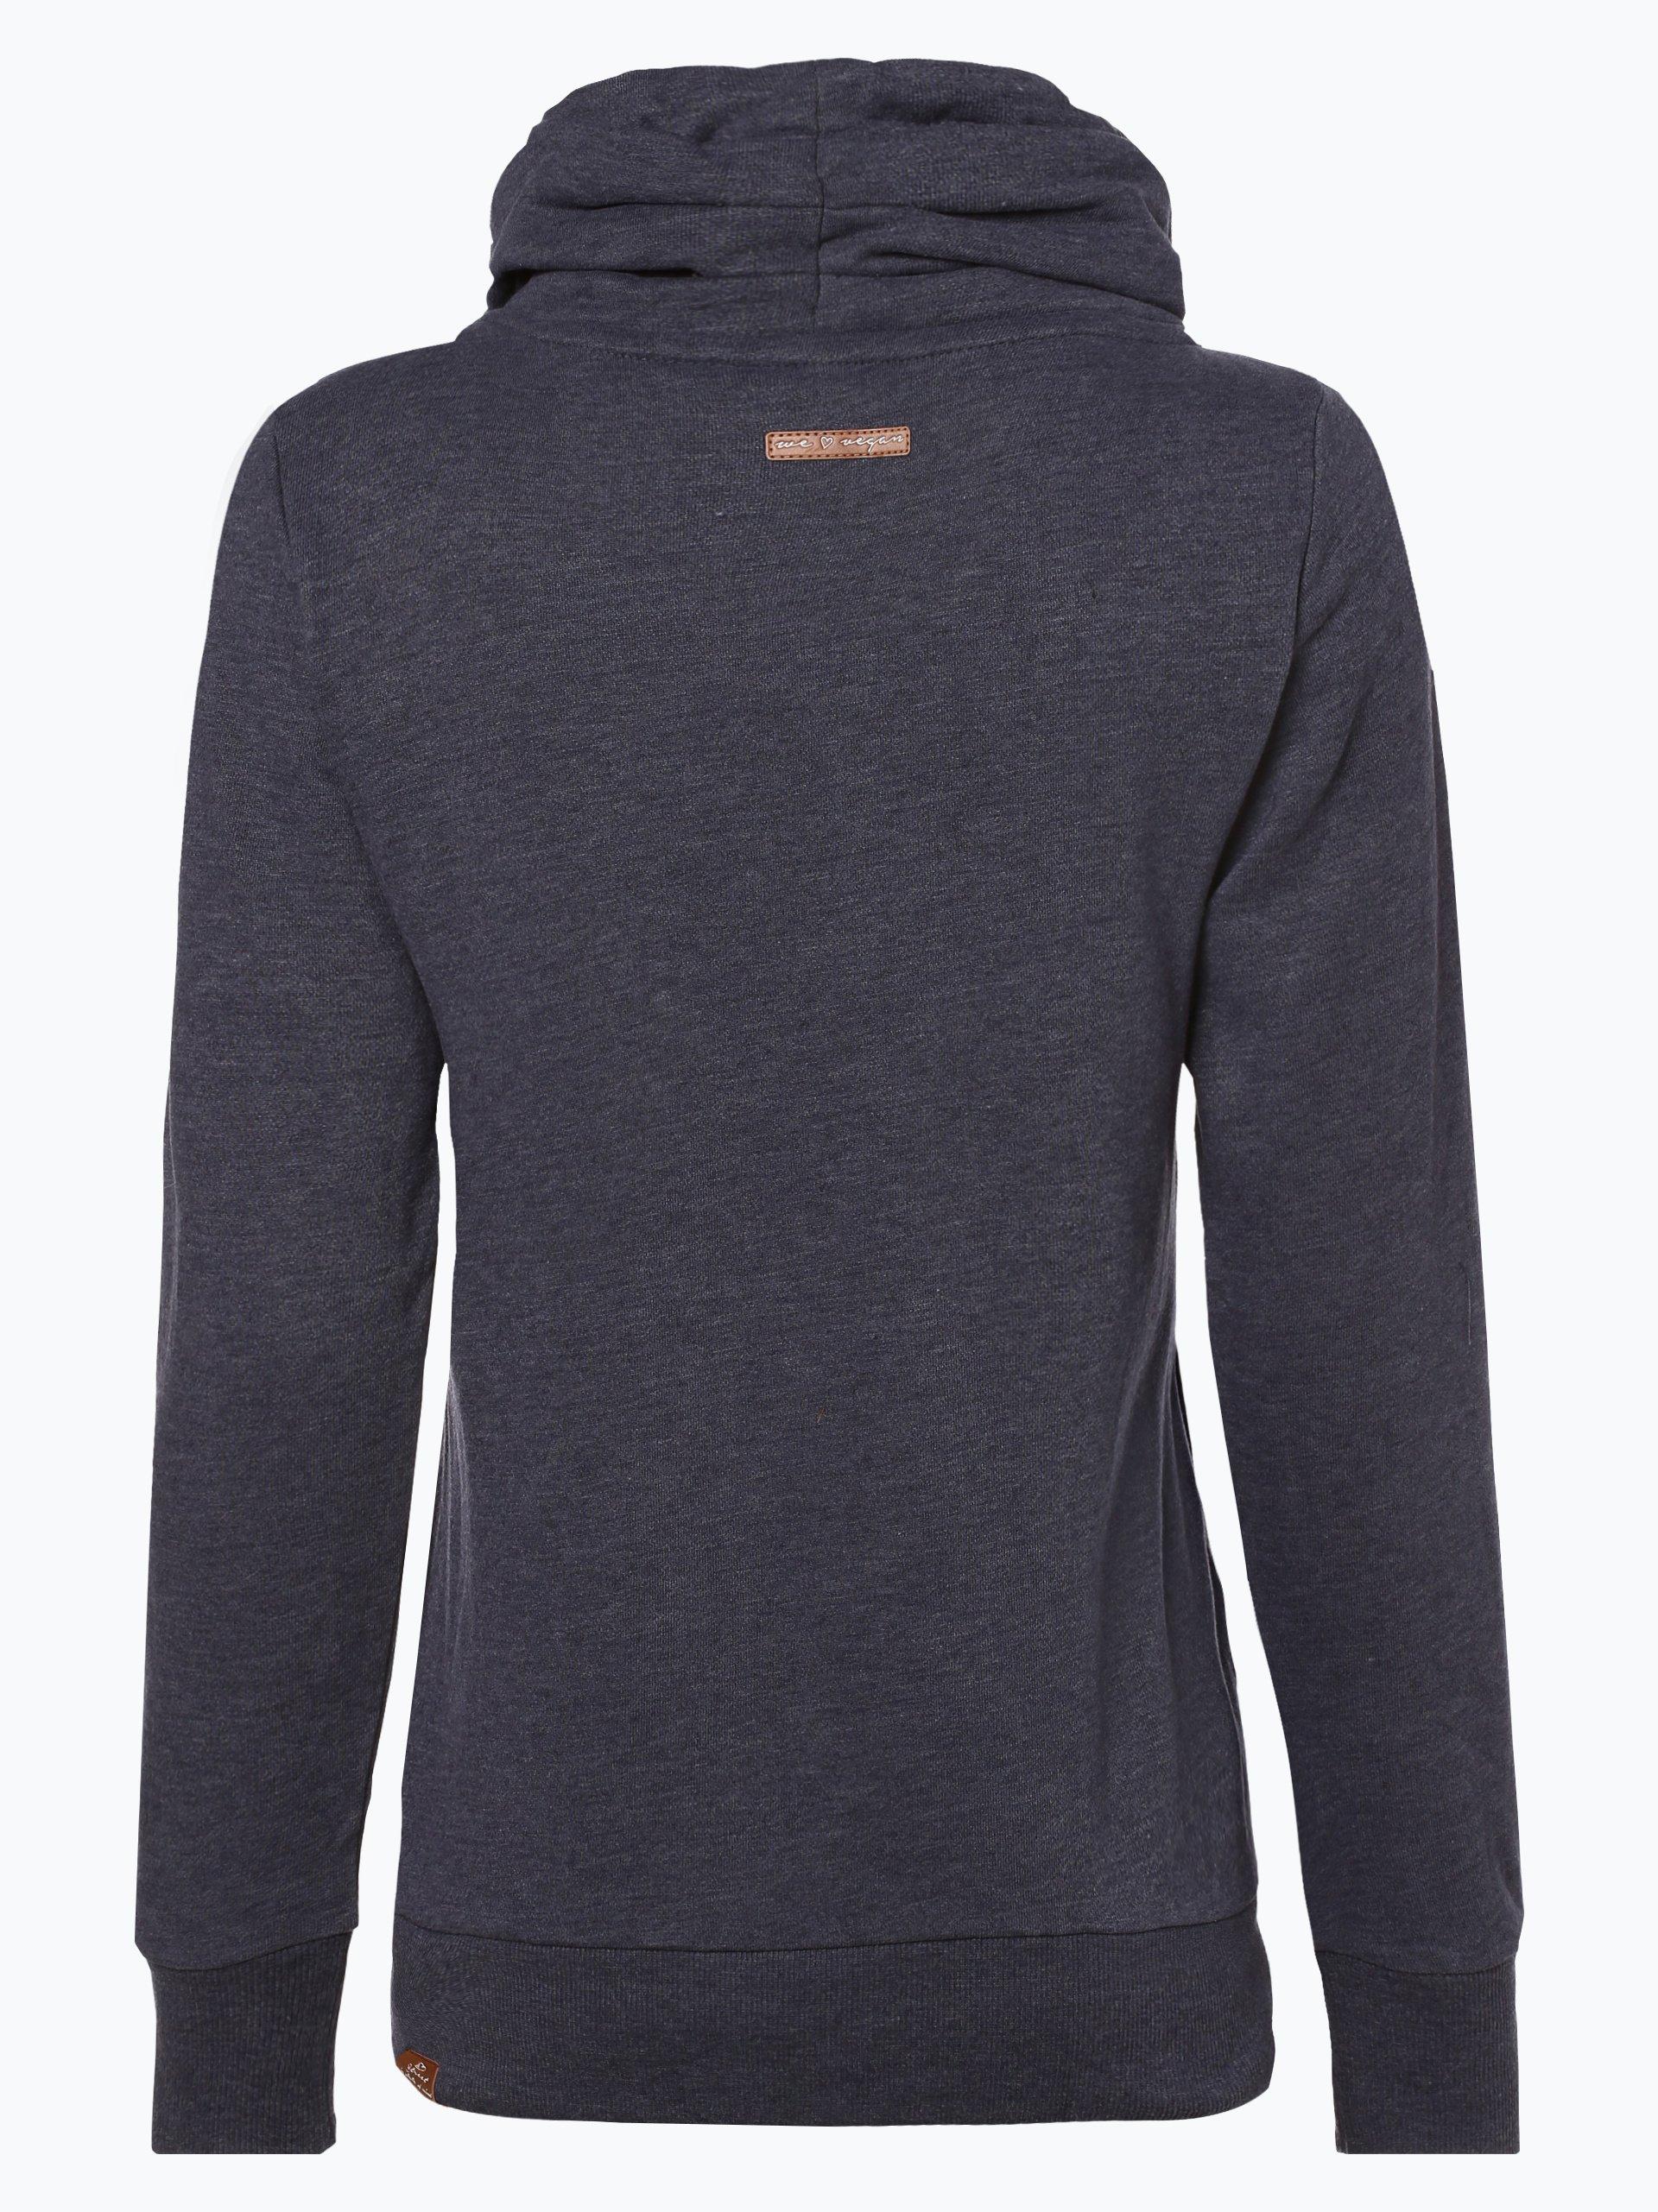 Ragwear Damska bluza rozpinana – Anabel